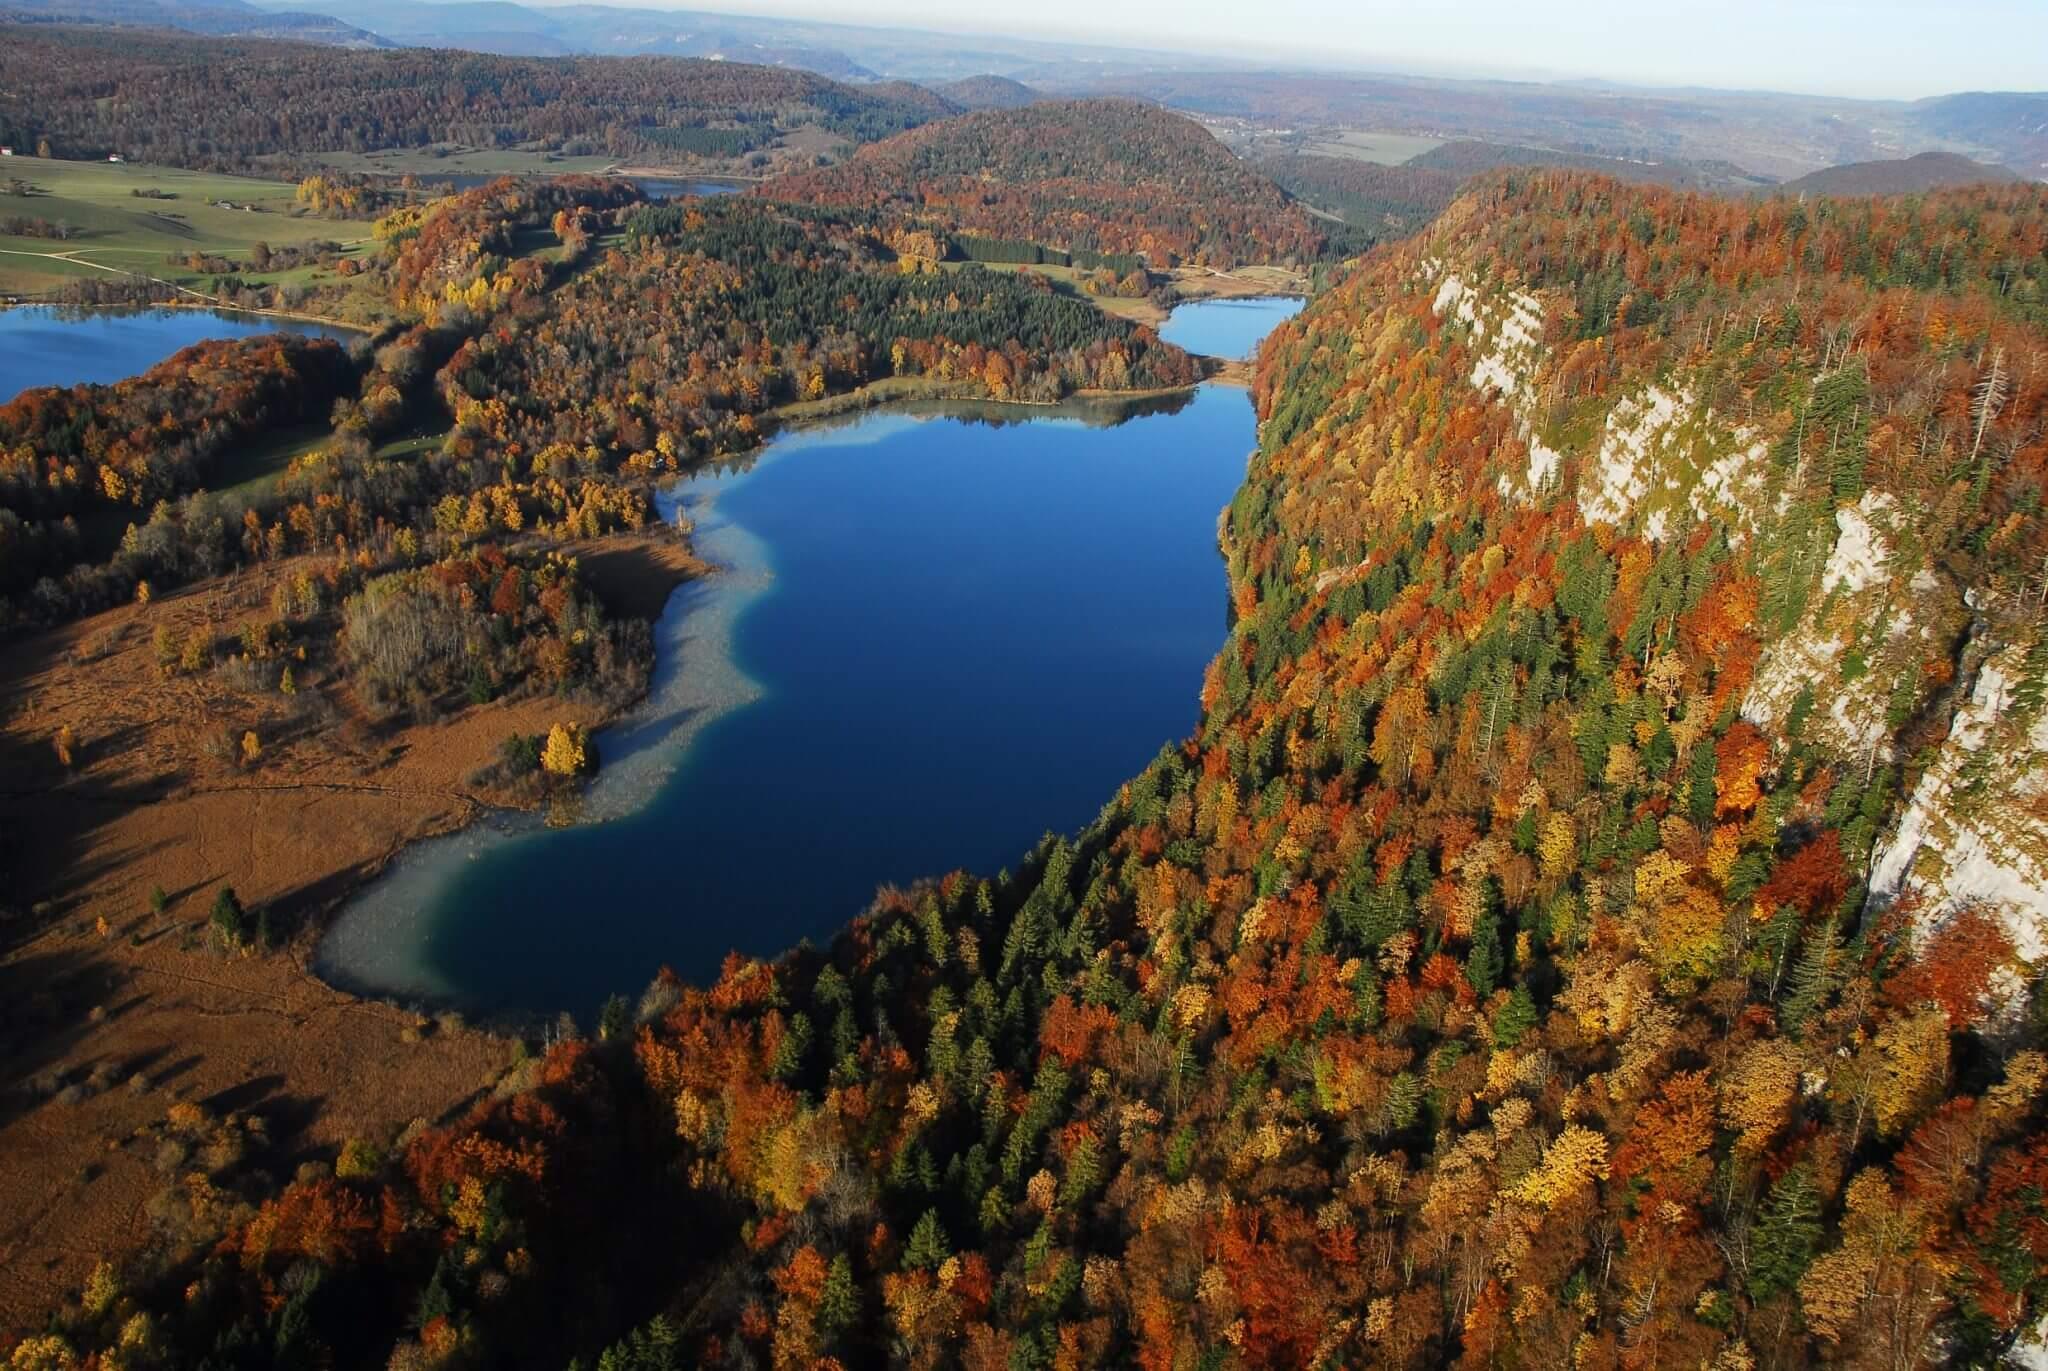 Belvédère des 4 lacs lieux à voir dans le haut jura en automne week-end wildspot